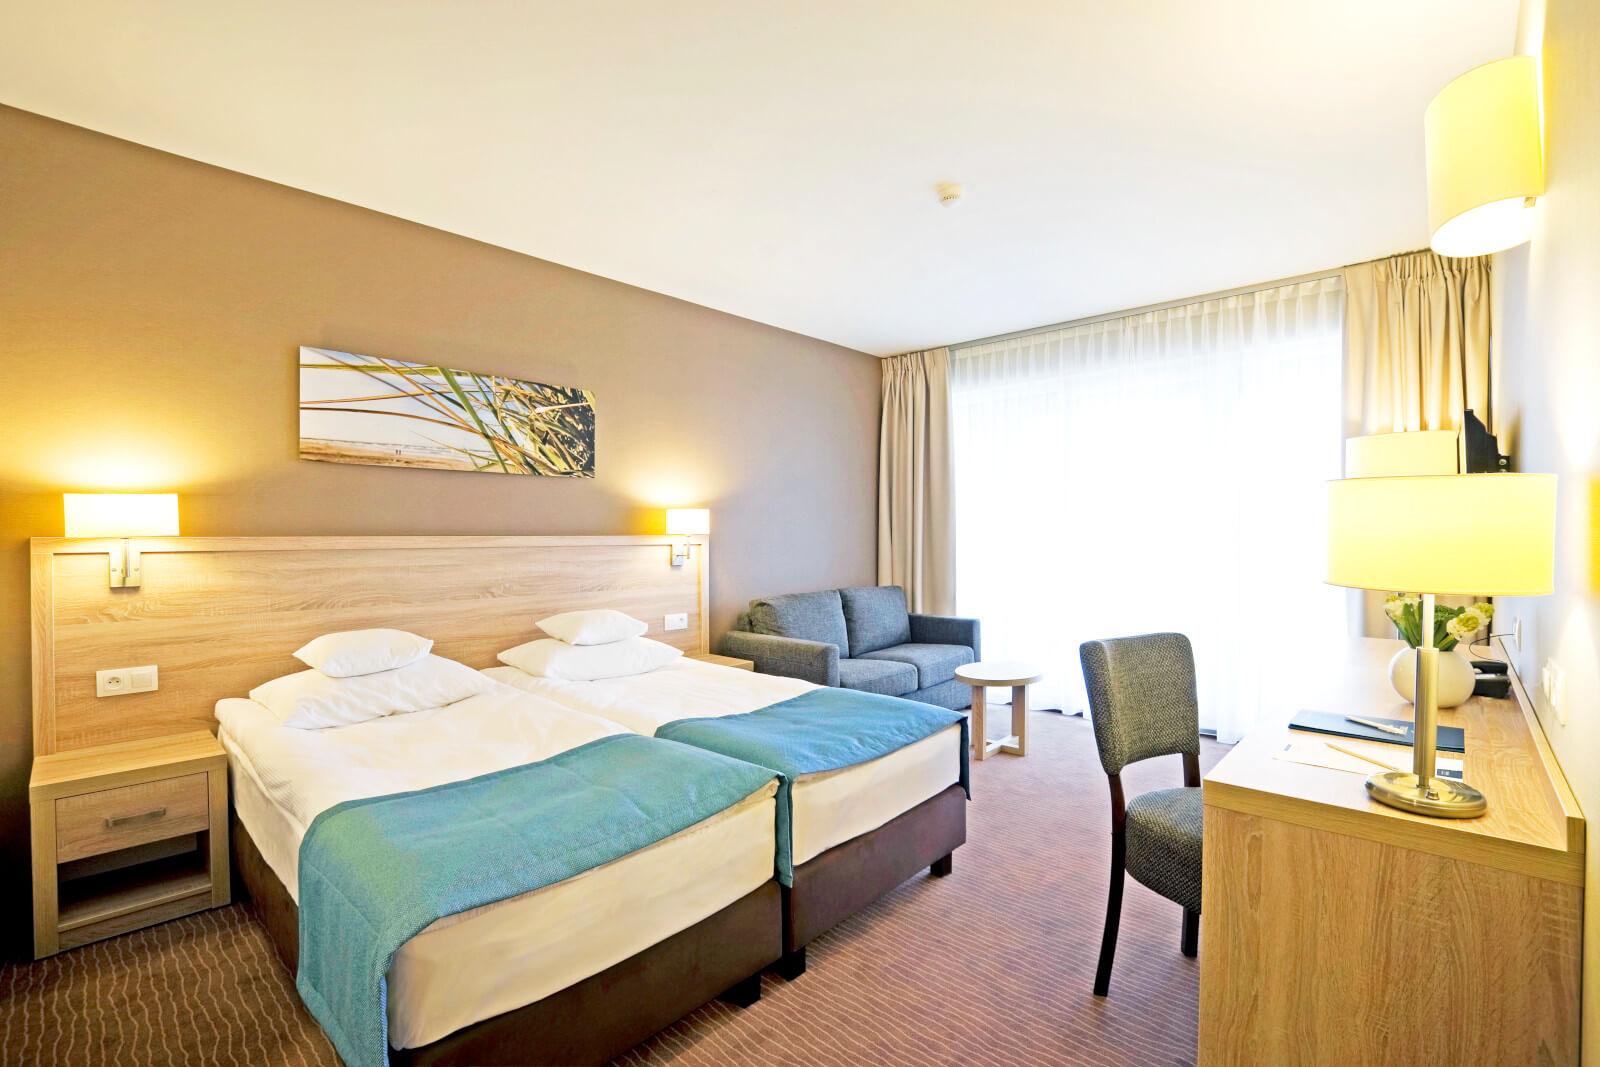 Pokój standard z balkonem w hotelu Tristan nad morzem